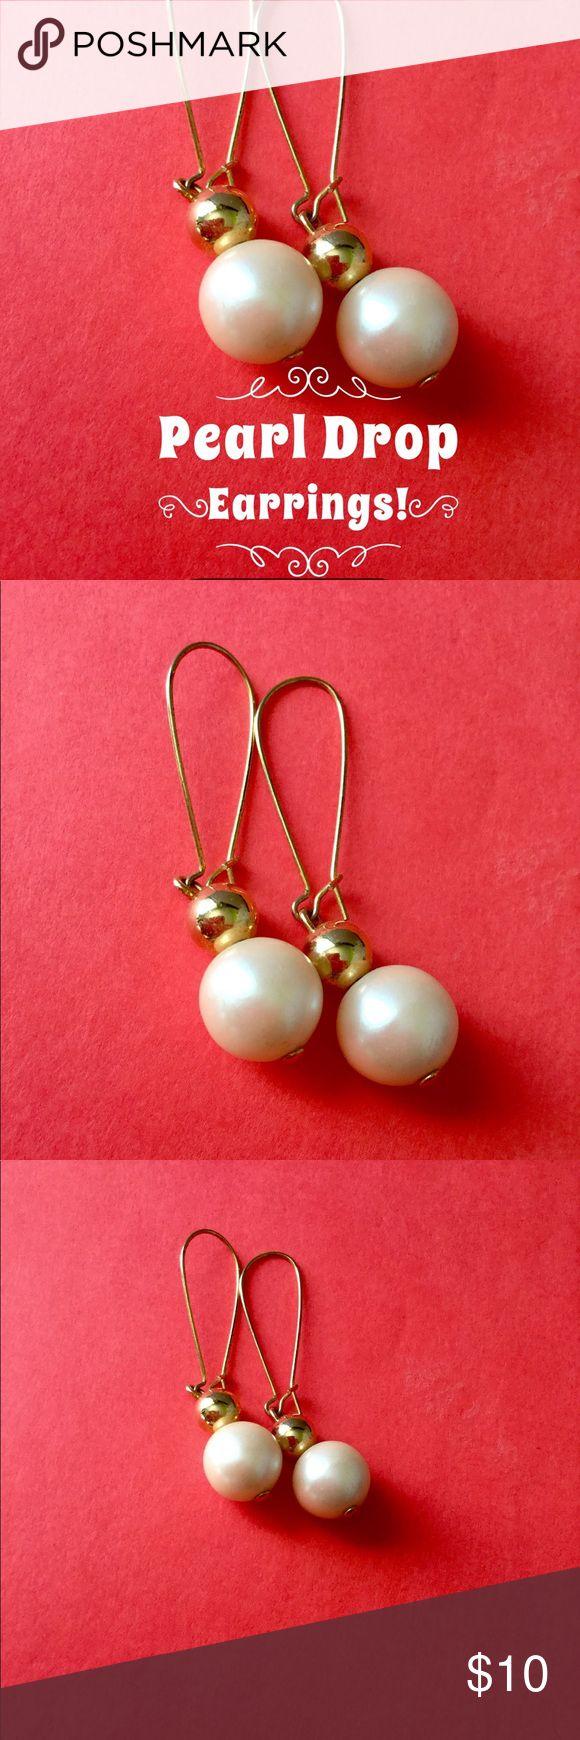 Nett! Gold Perle Ohrringe für Ohrlöcher Ca. zwei Zoll, sehr n …   – My Posh Picks